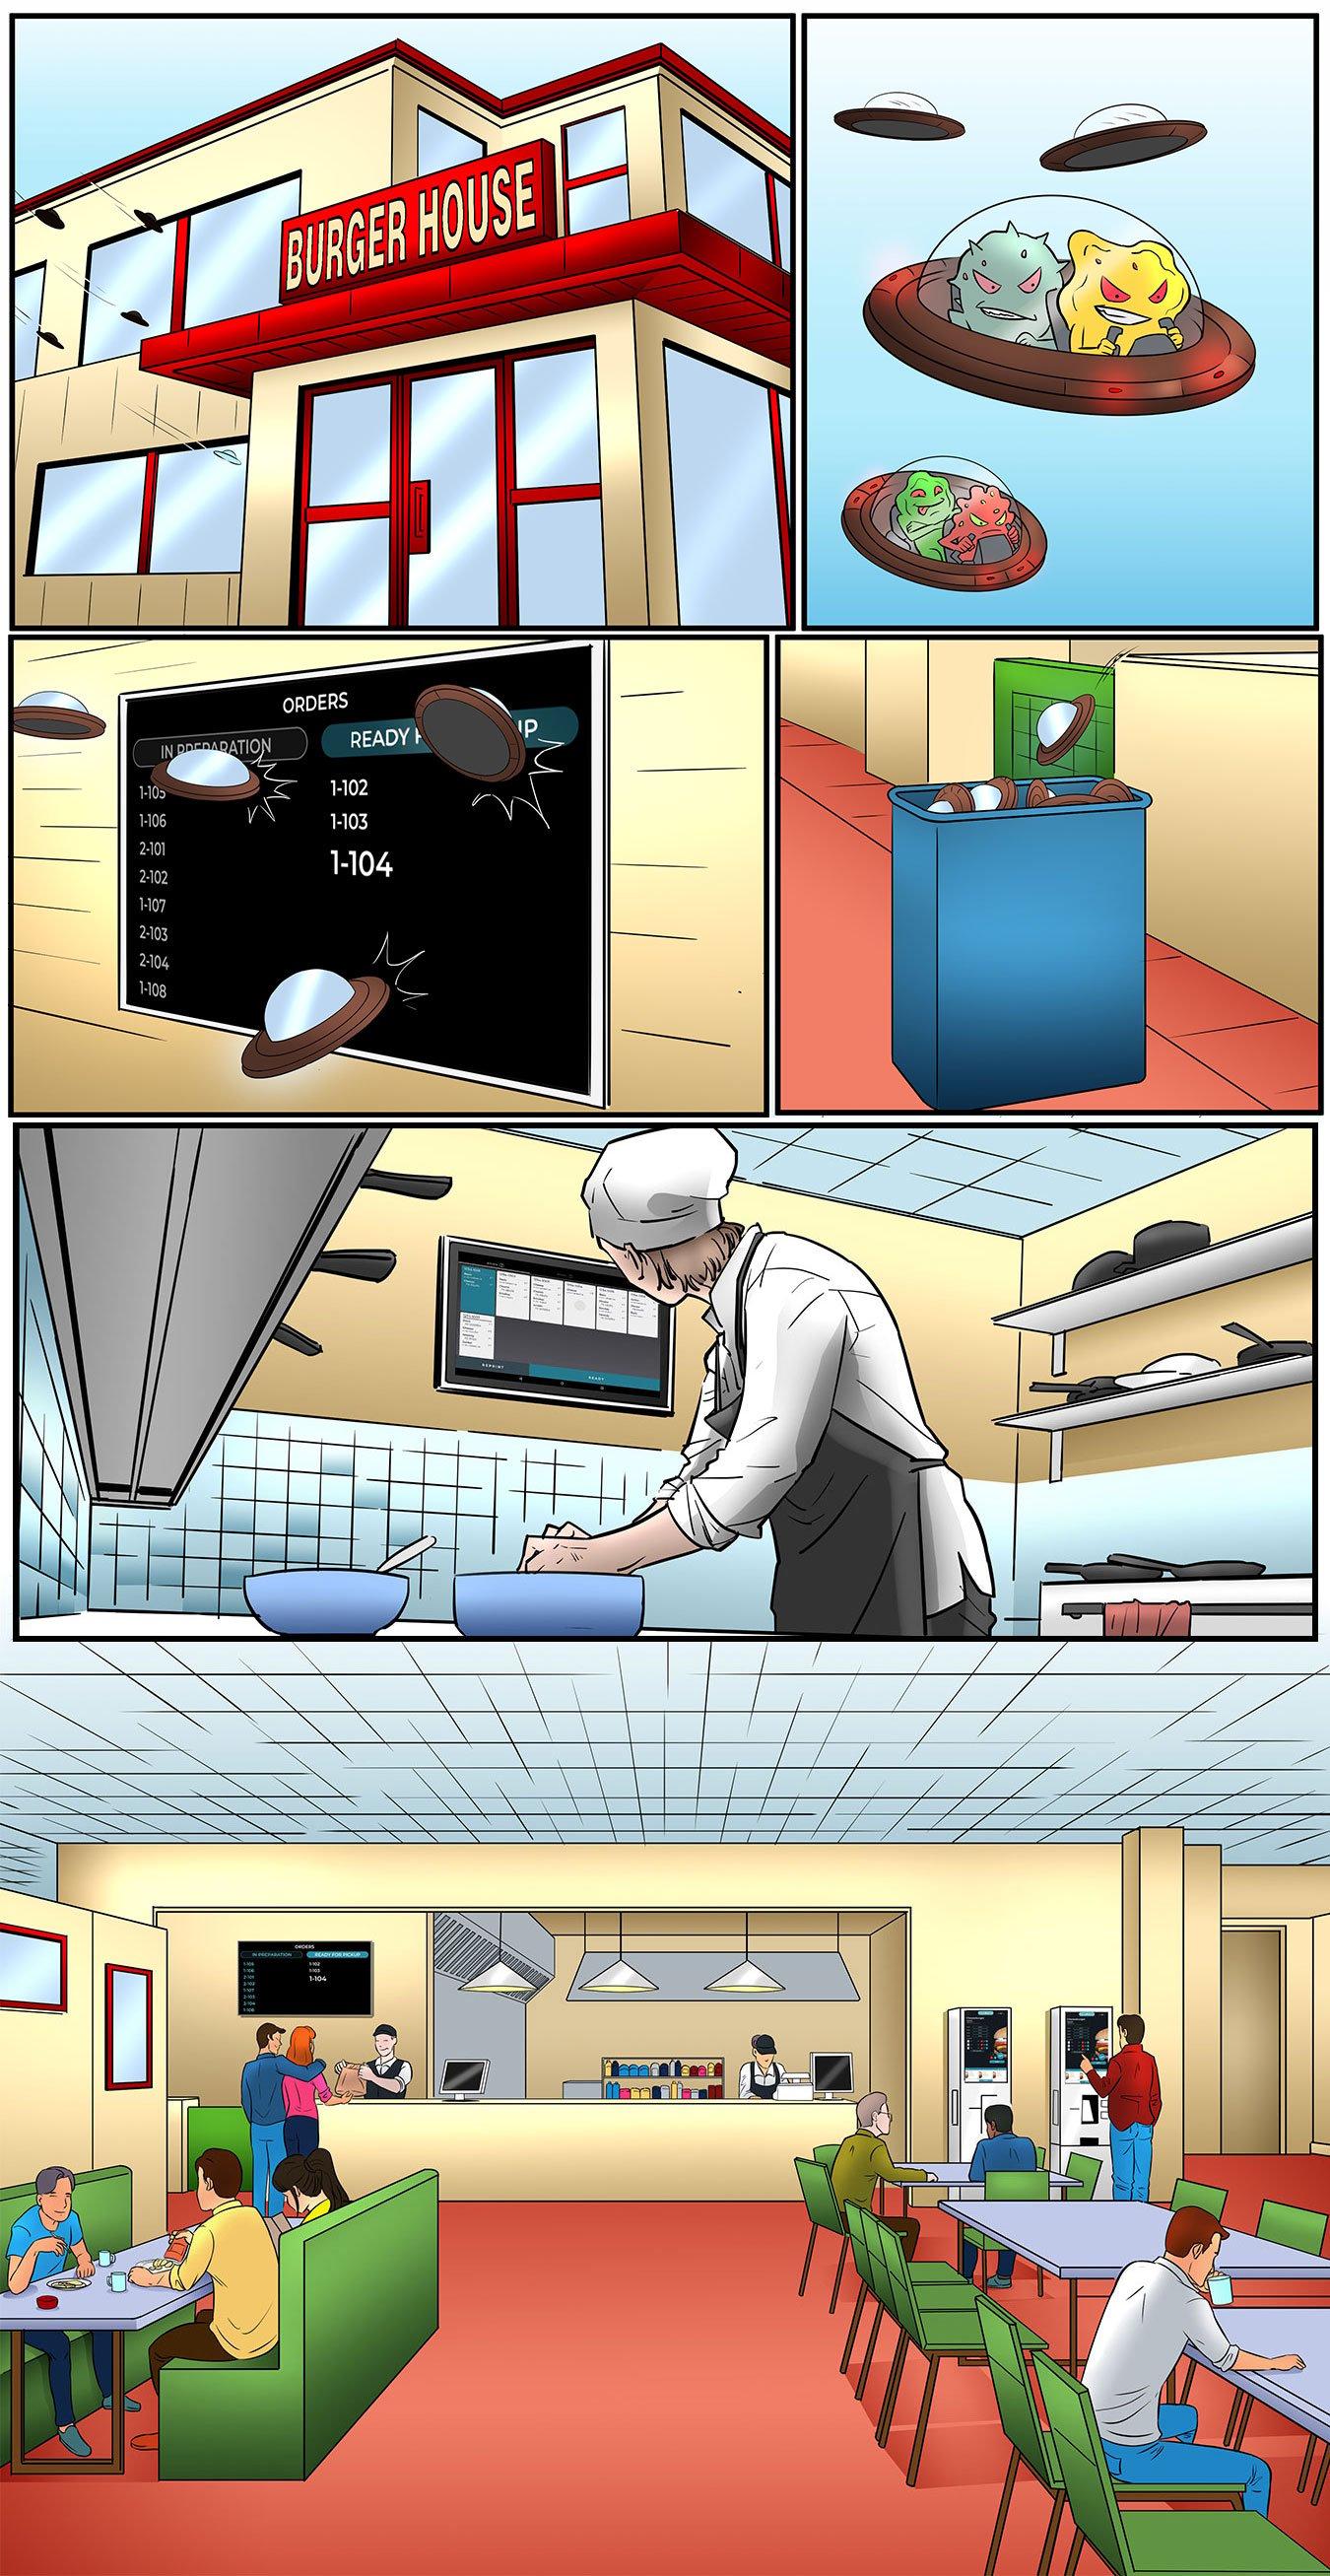 Burger House sarjakuva ravintolamaailman kassaratkaisuista